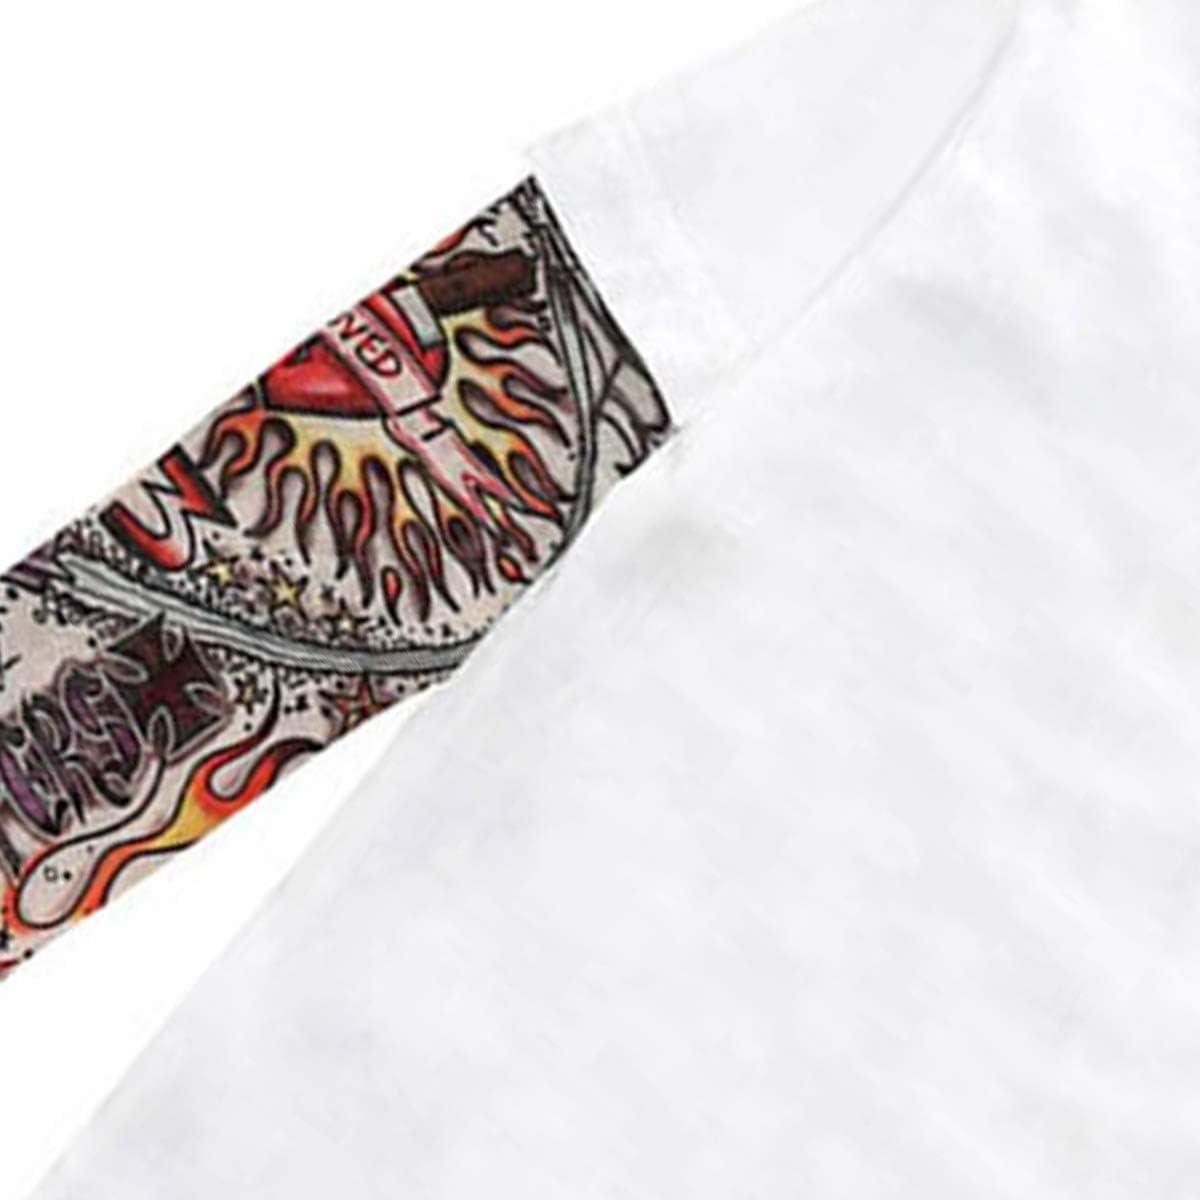 DaMohony Maglietta Bambini Cotone Camicia Manica Lunga Stampa Tatuaggio Primavera Estate